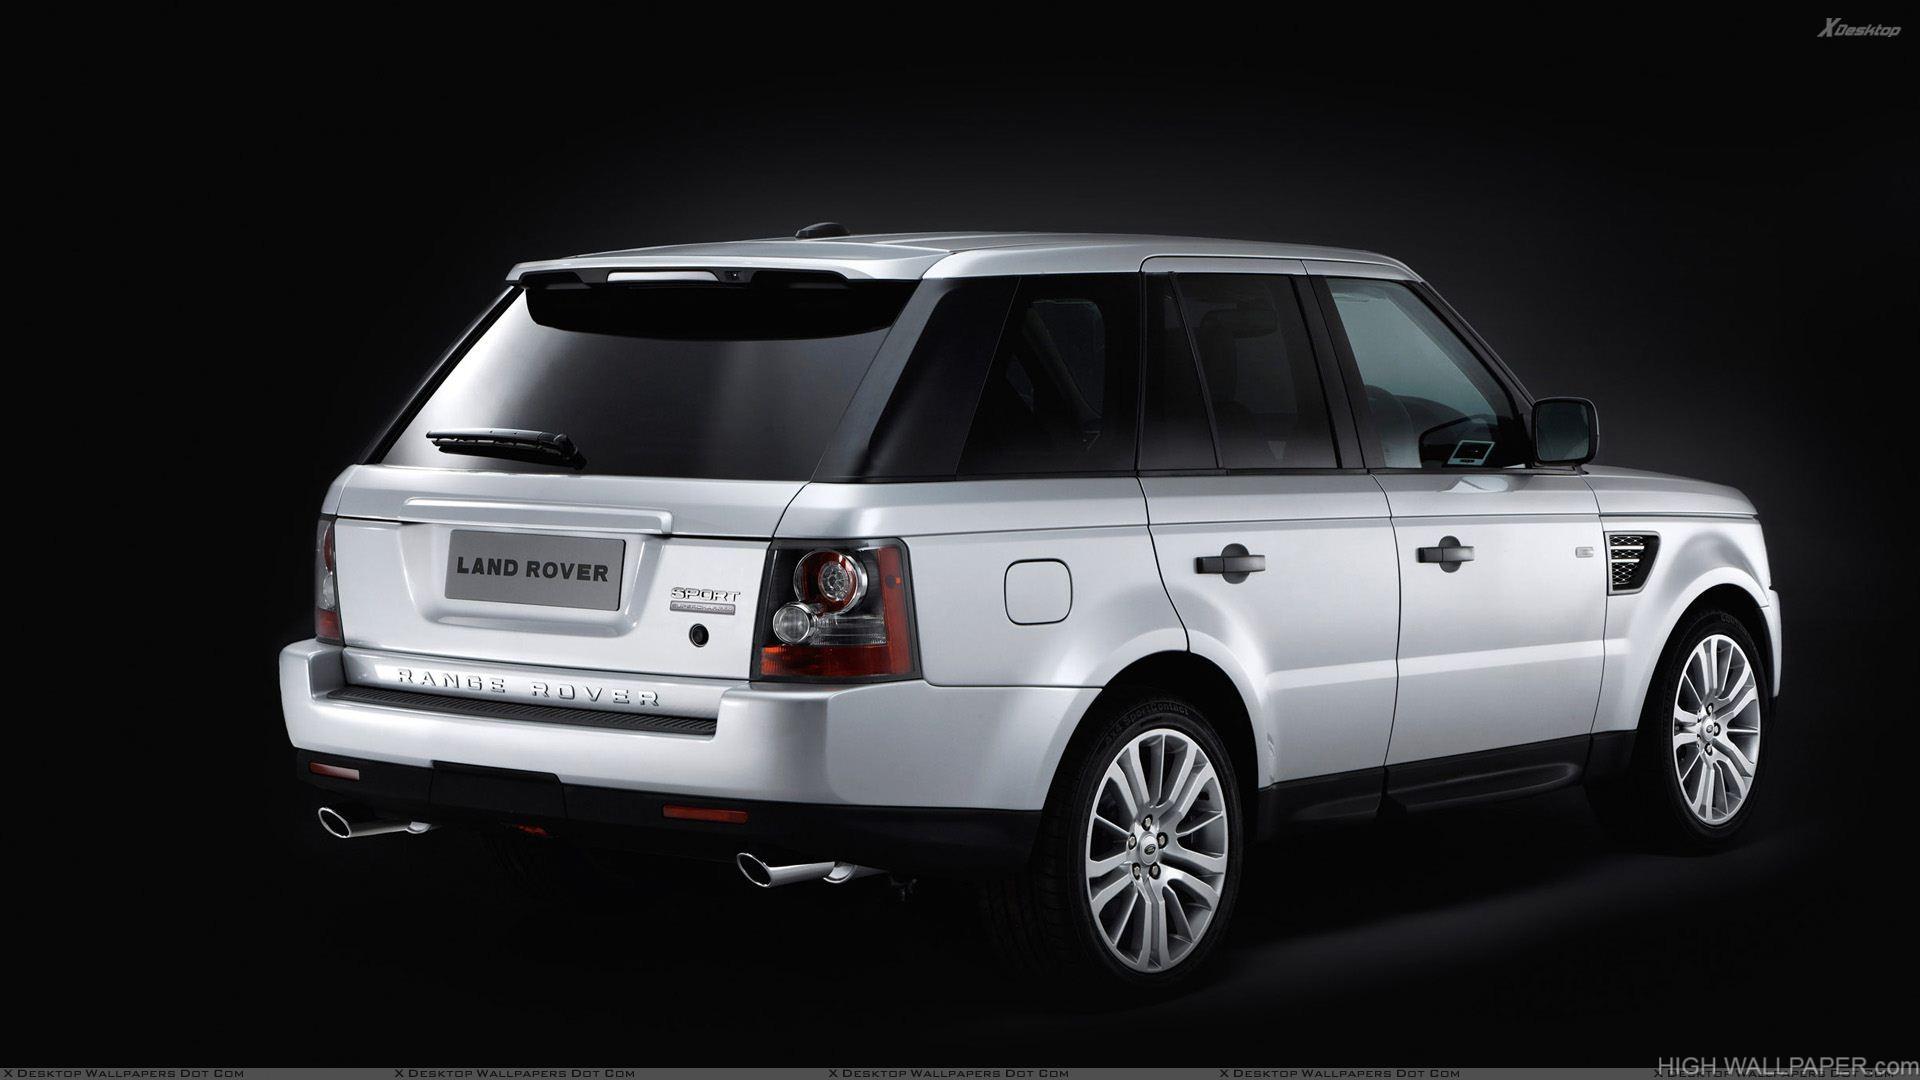 White Range Rover Sport Black Background